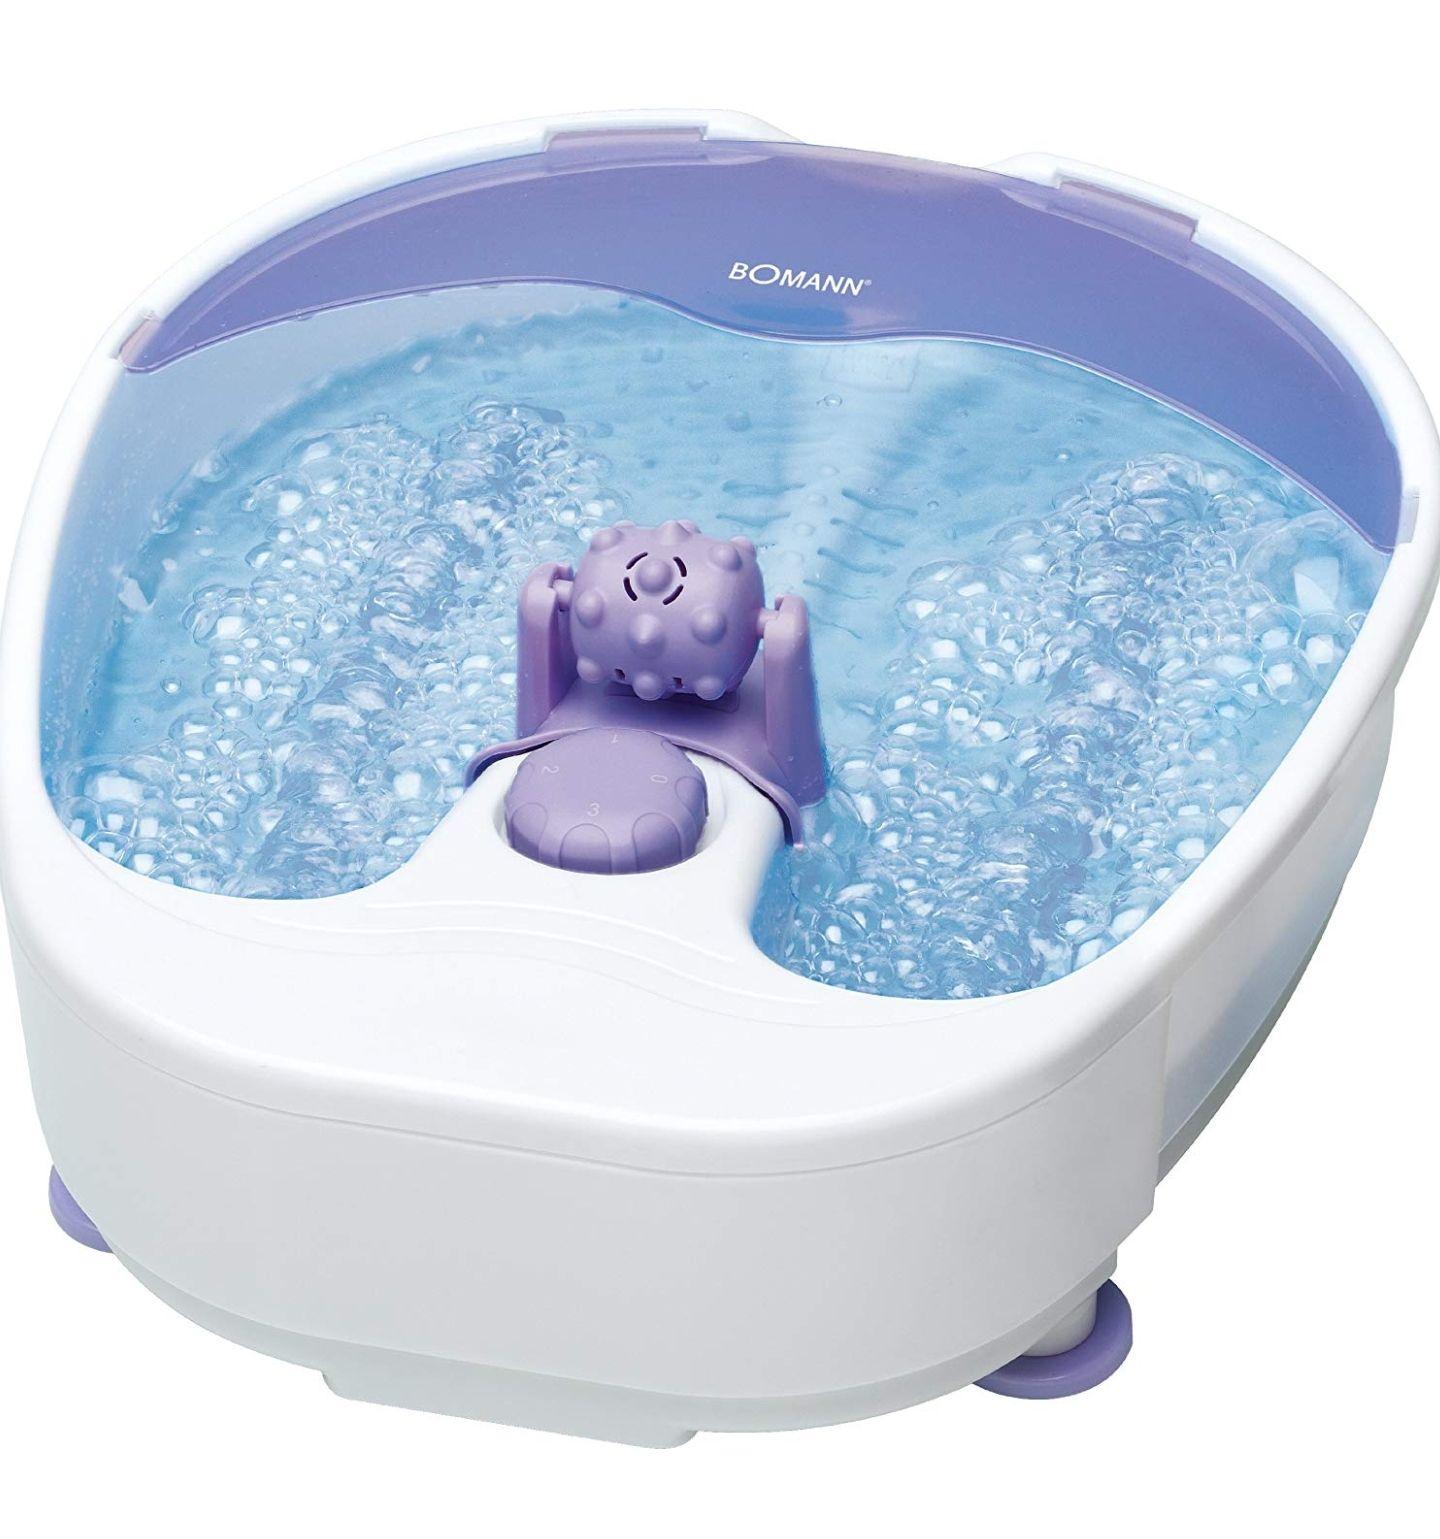 Sprudelndes Fußbad mit Spritzschutz Bomann FM 8000 CB Fuß- Massagegerät